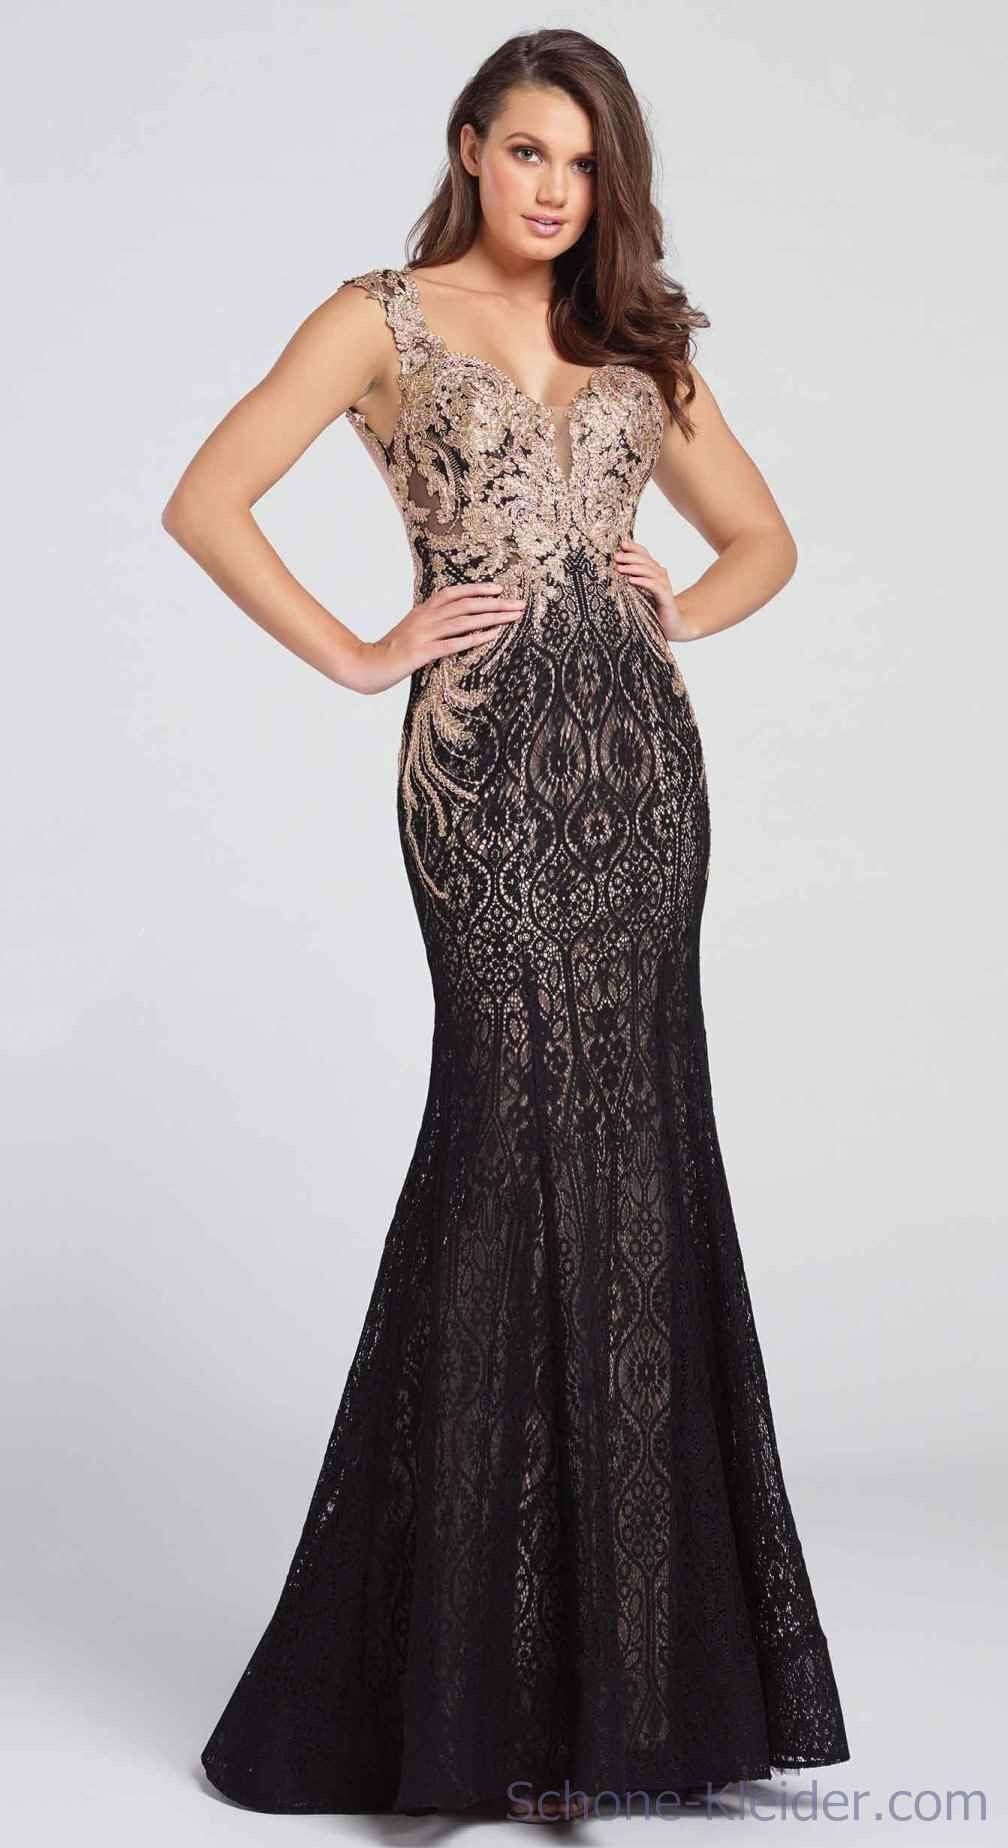 15 Erstaunlich Elegante Abendkleider Bester Preis10 Cool Elegante Abendkleider Stylish